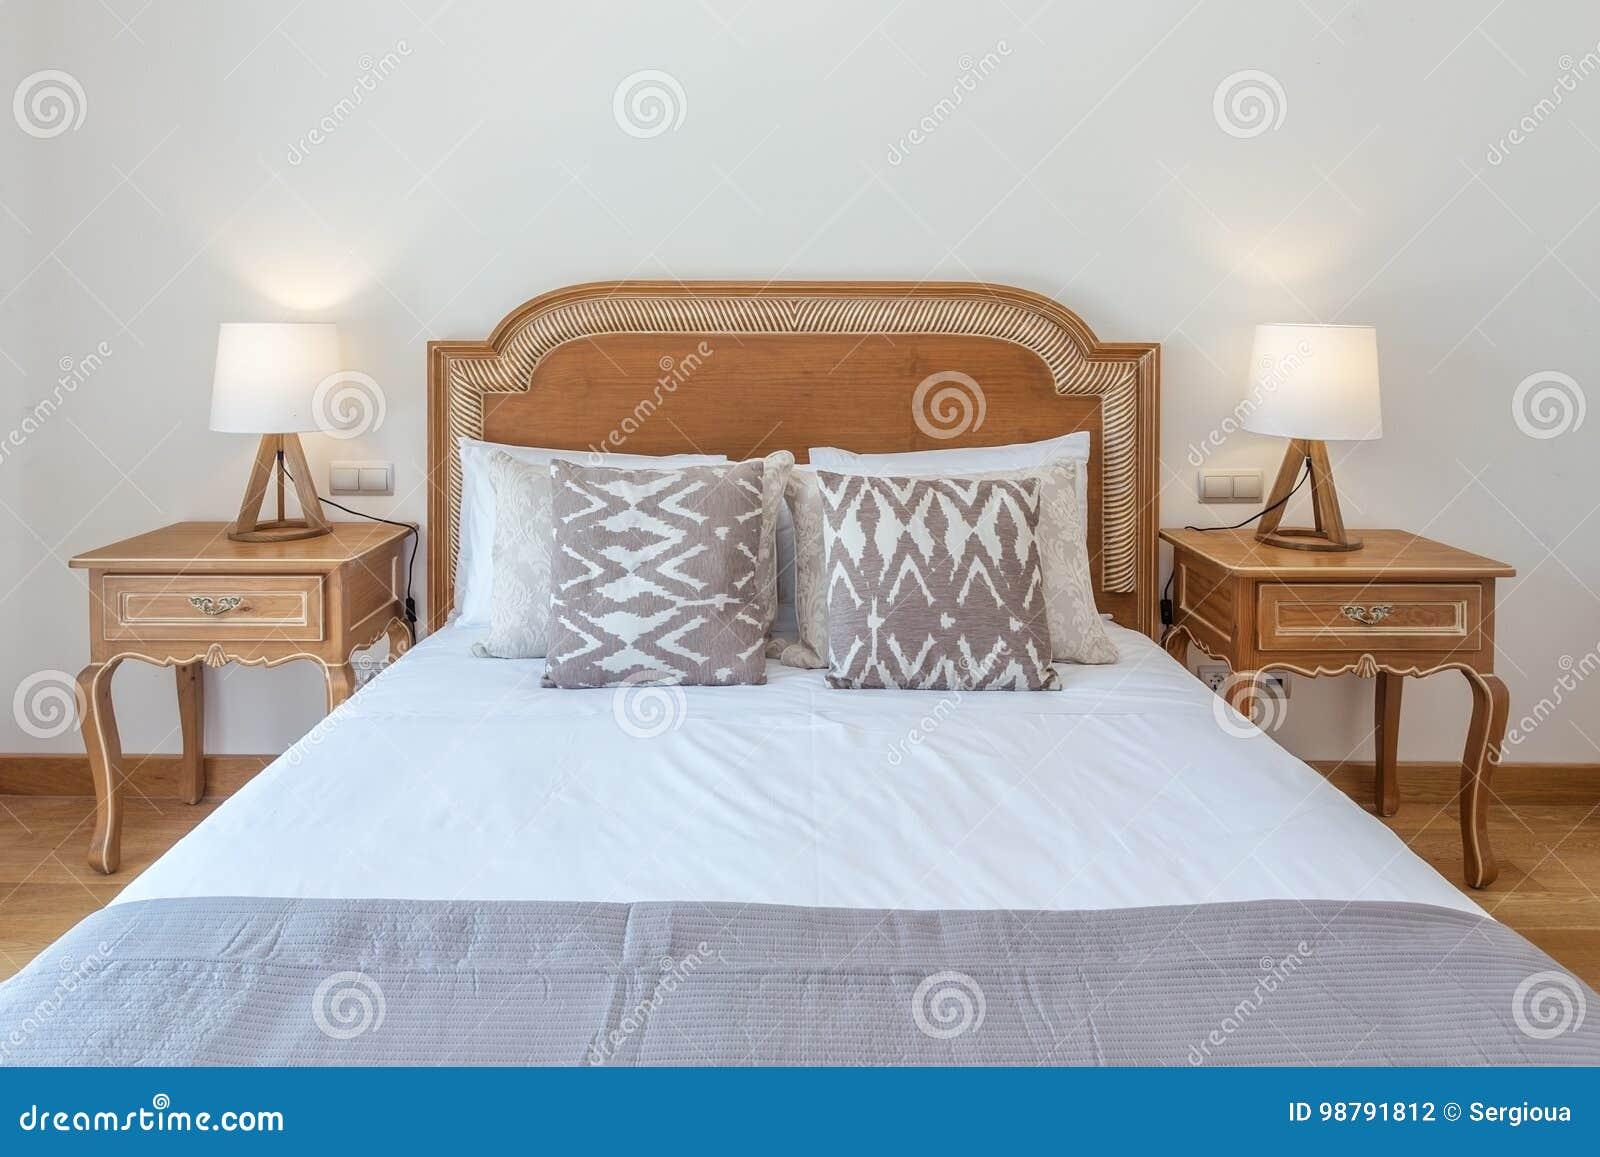 Je Slaapkamer Decoreren : Gehuwd houten bed in slaapkamer met moderne decoratie stock foto